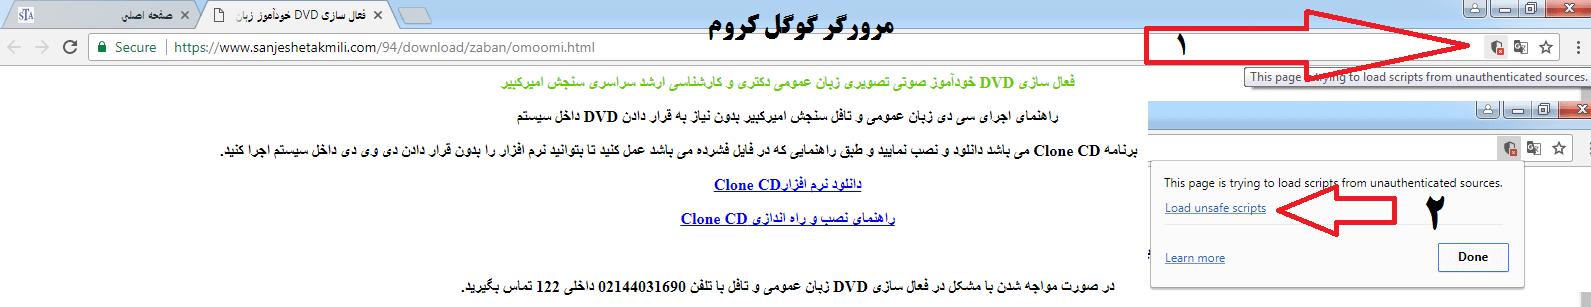 نمایش فرم فعال سازی دی وی دی زبان سنجش امیرکبیر در مرورگر گوگل کروم